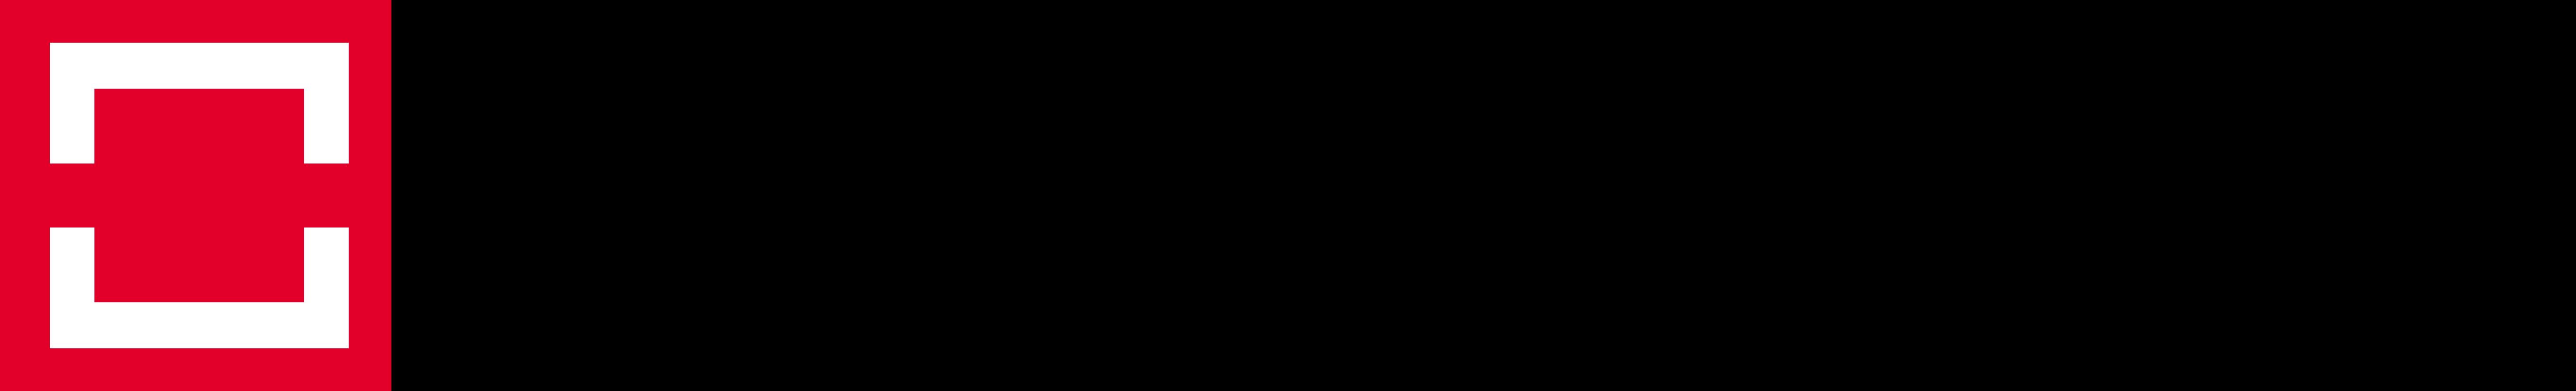 AT Osborne logo